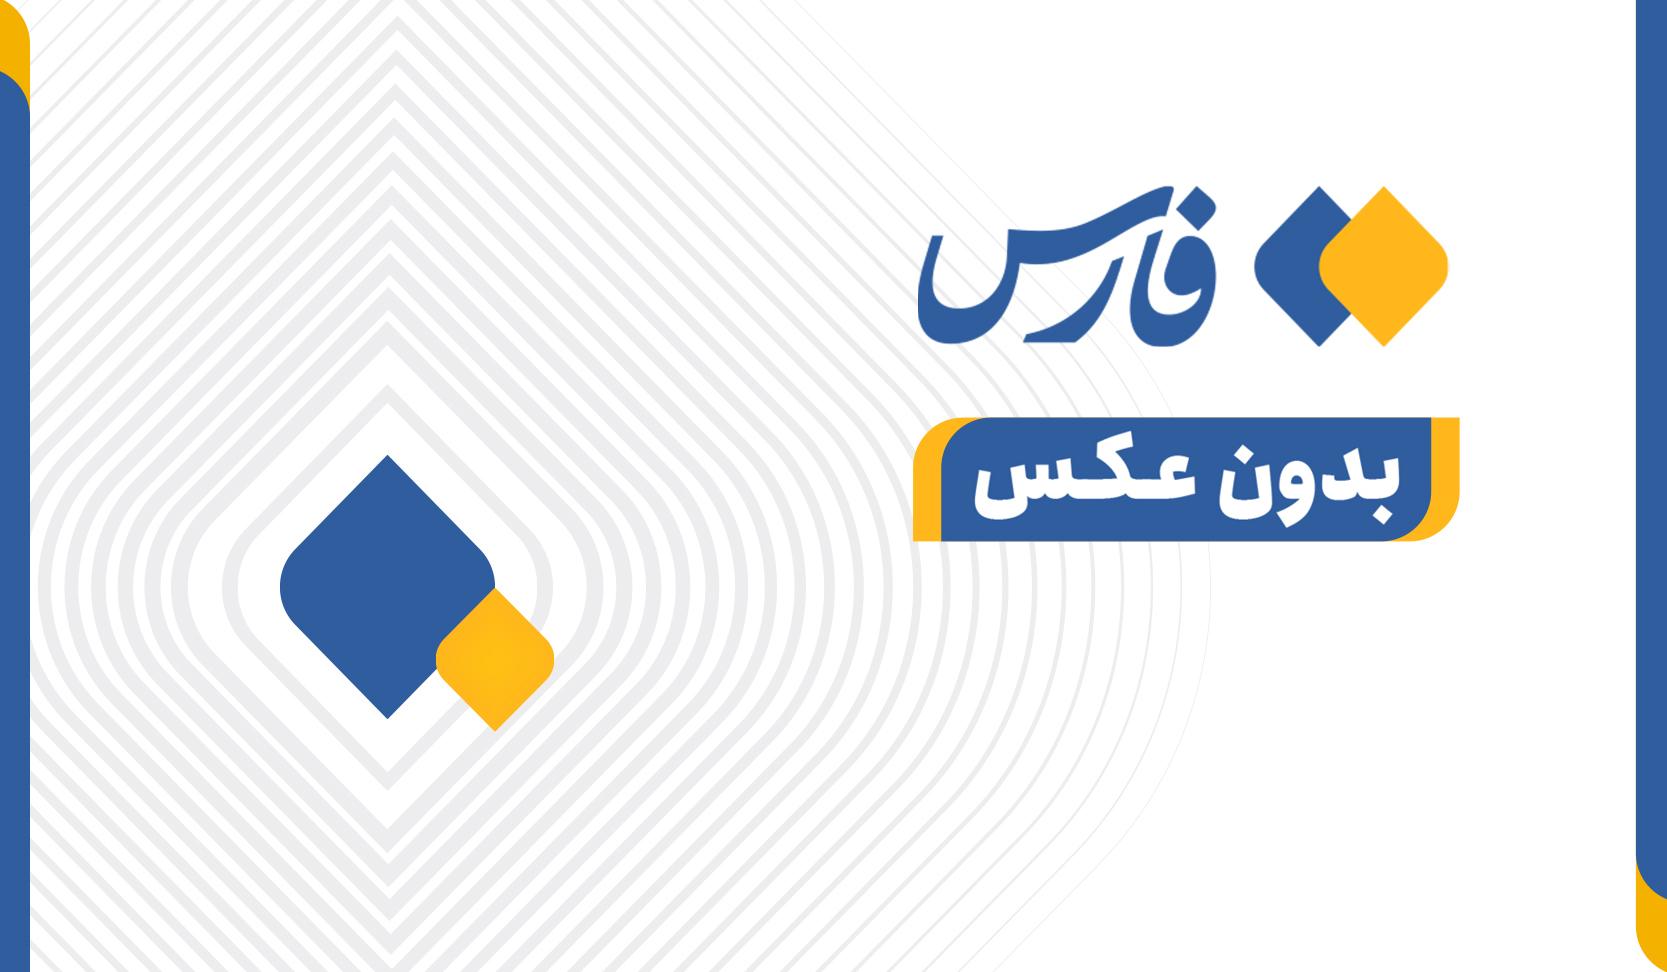 فارس ۲۴    De la promesa de Azerbaiyán a Irán a los salarios de los empleados de Hafta Tappeh